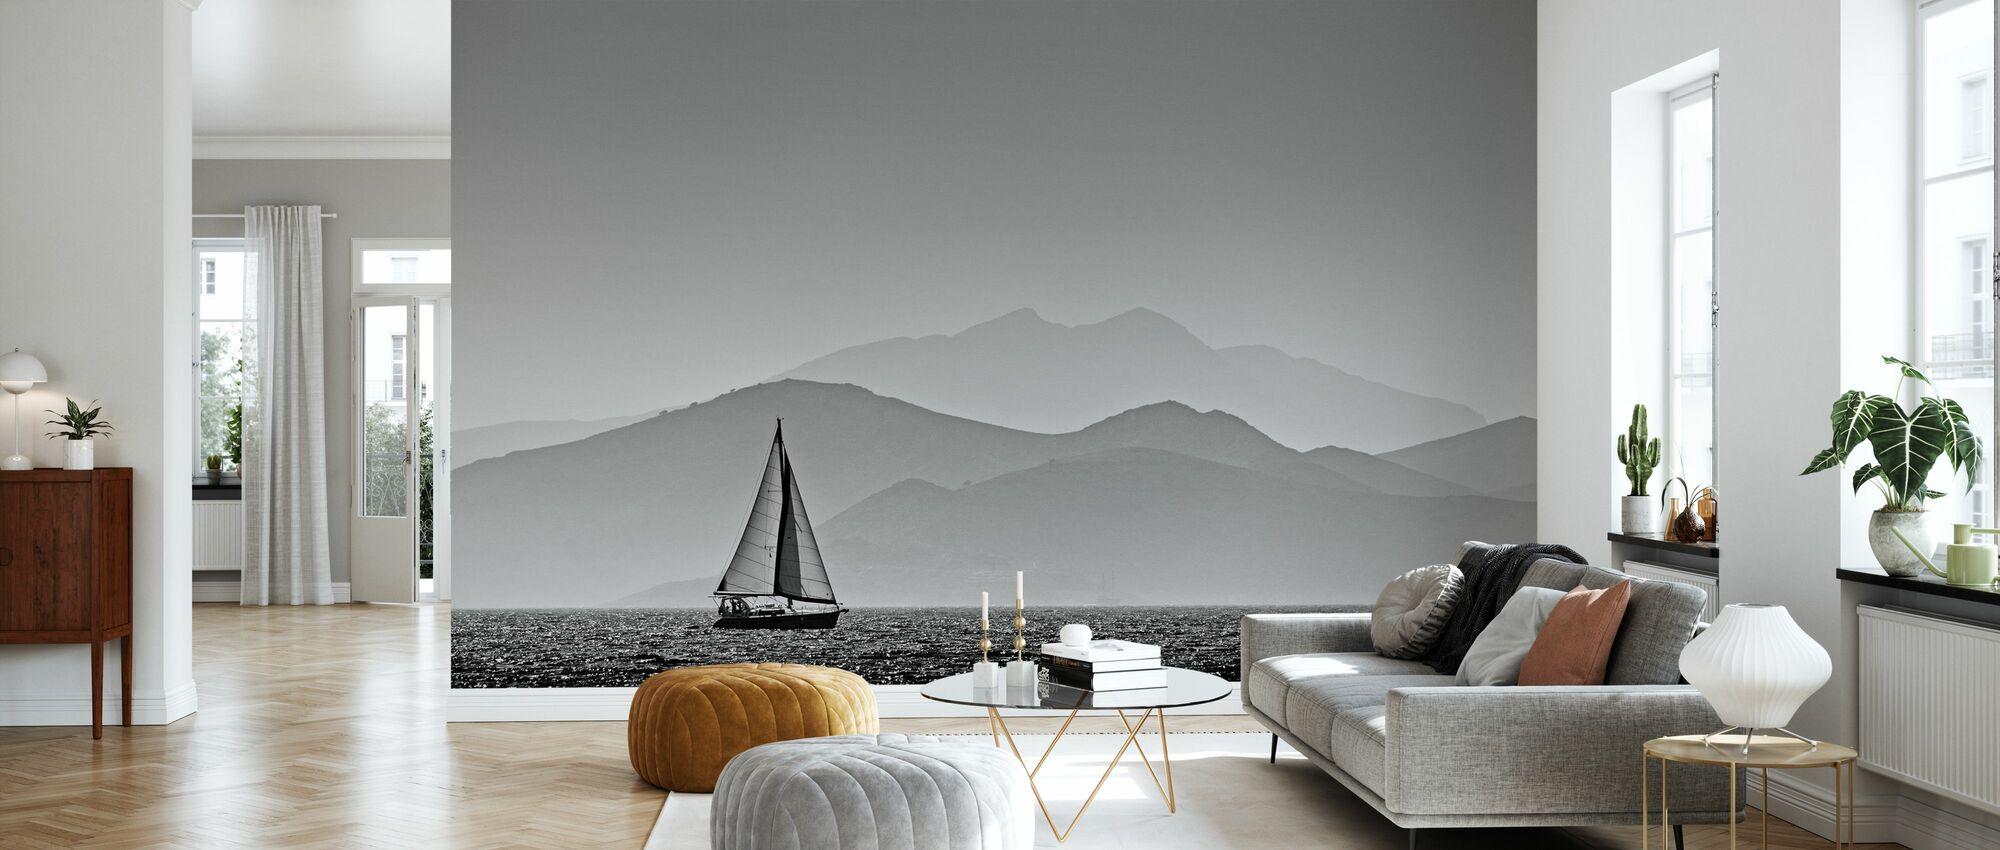 Sailing - Wallpaper - Living Room